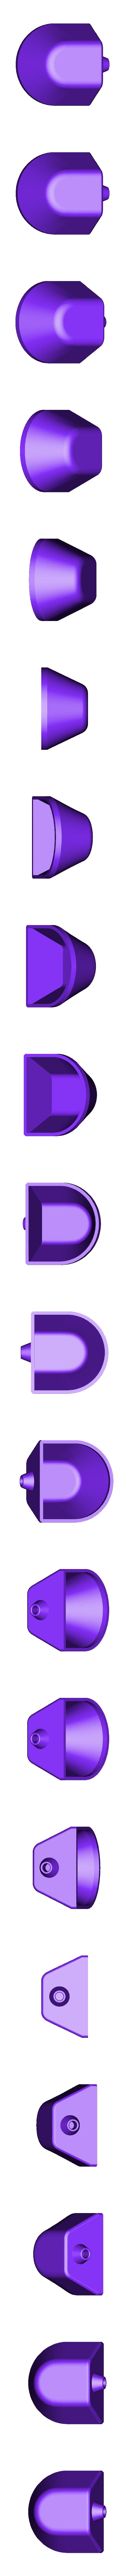 Nozzle.stl Télécharger fichier STL gratuit MACHINE À CAFÉ JOUET • Design pour imprimante 3D, 3DWORKBENCH